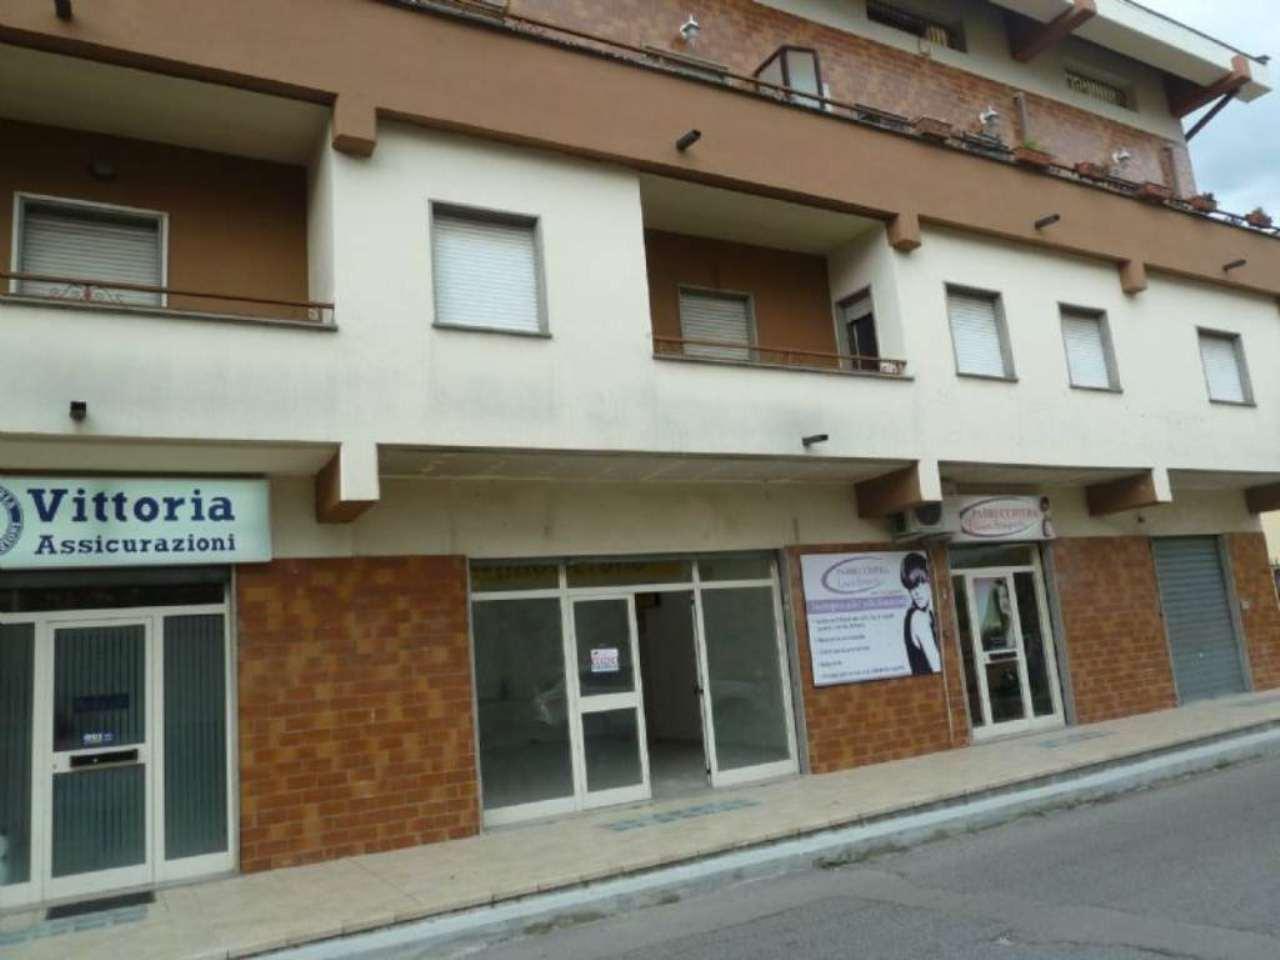 Immobile Commerciale in vendita a Carsoli, 9999 locali, prezzo € 89.000 | Cambio Casa.it